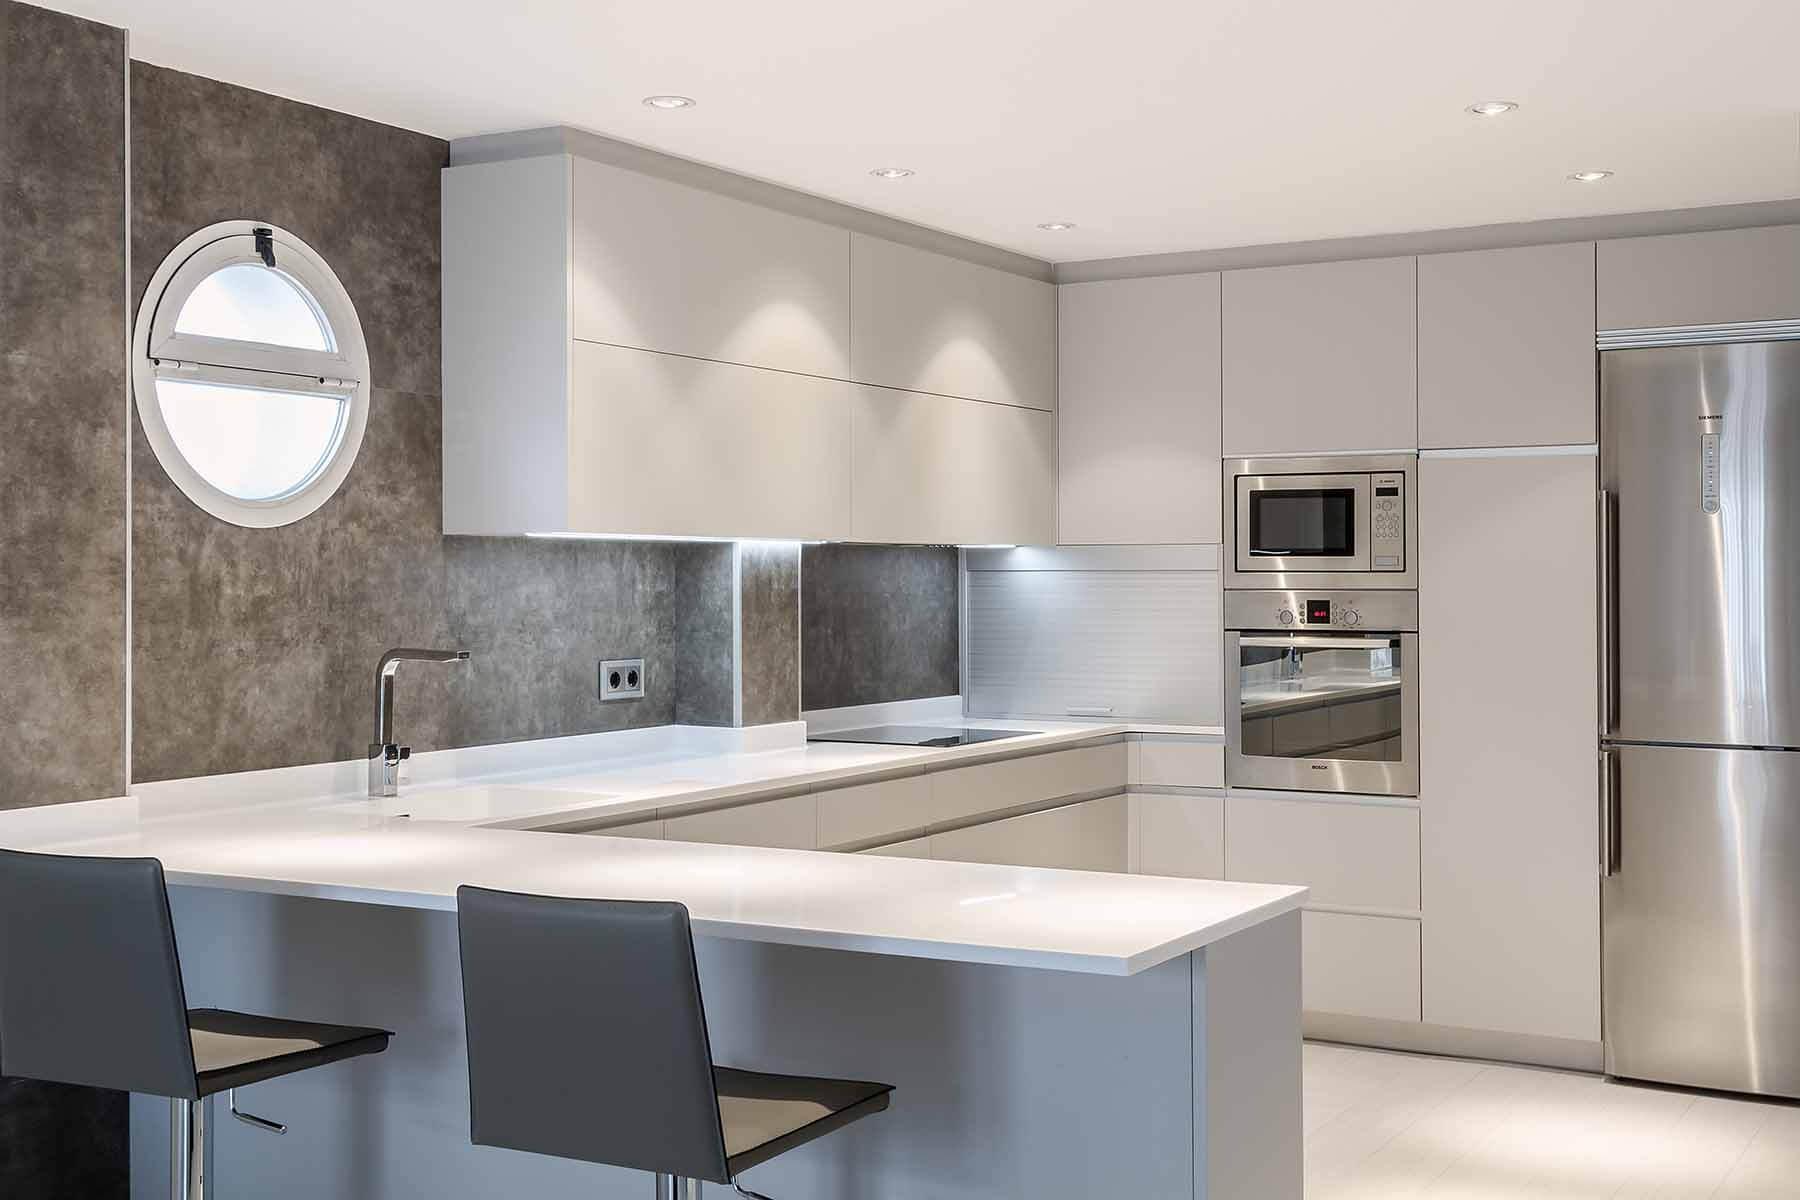 Muebles de Cocina Madrid - Mobiliario de Cocina - Grupo Coeco